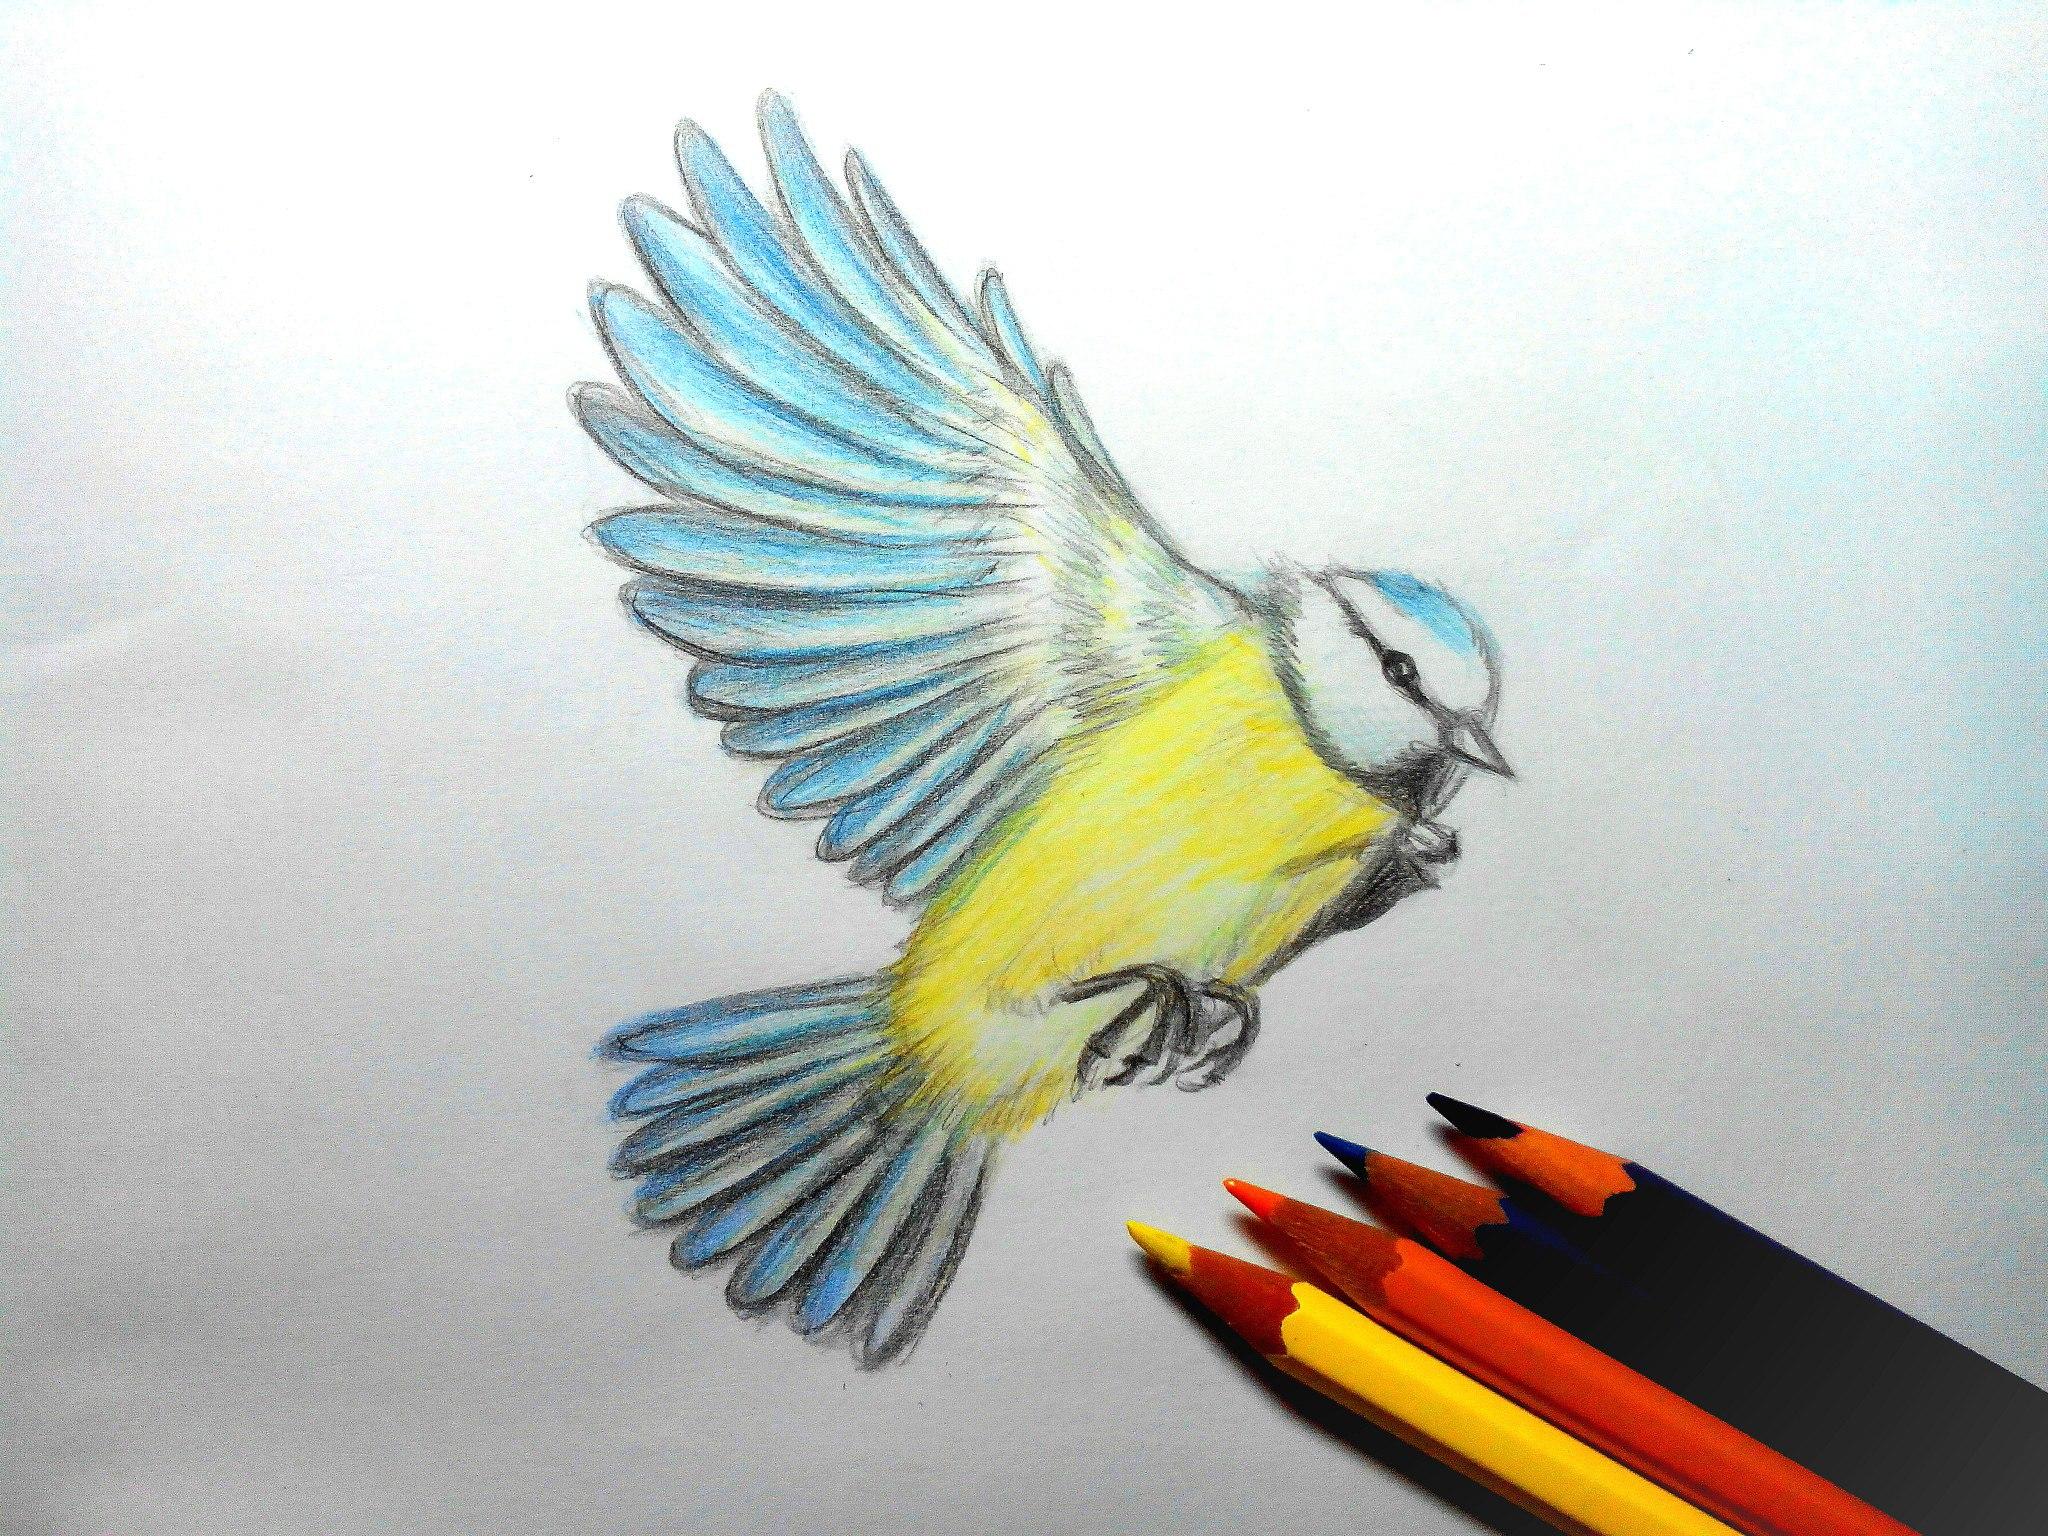 Как нарисовать птицу цветными карандашами?